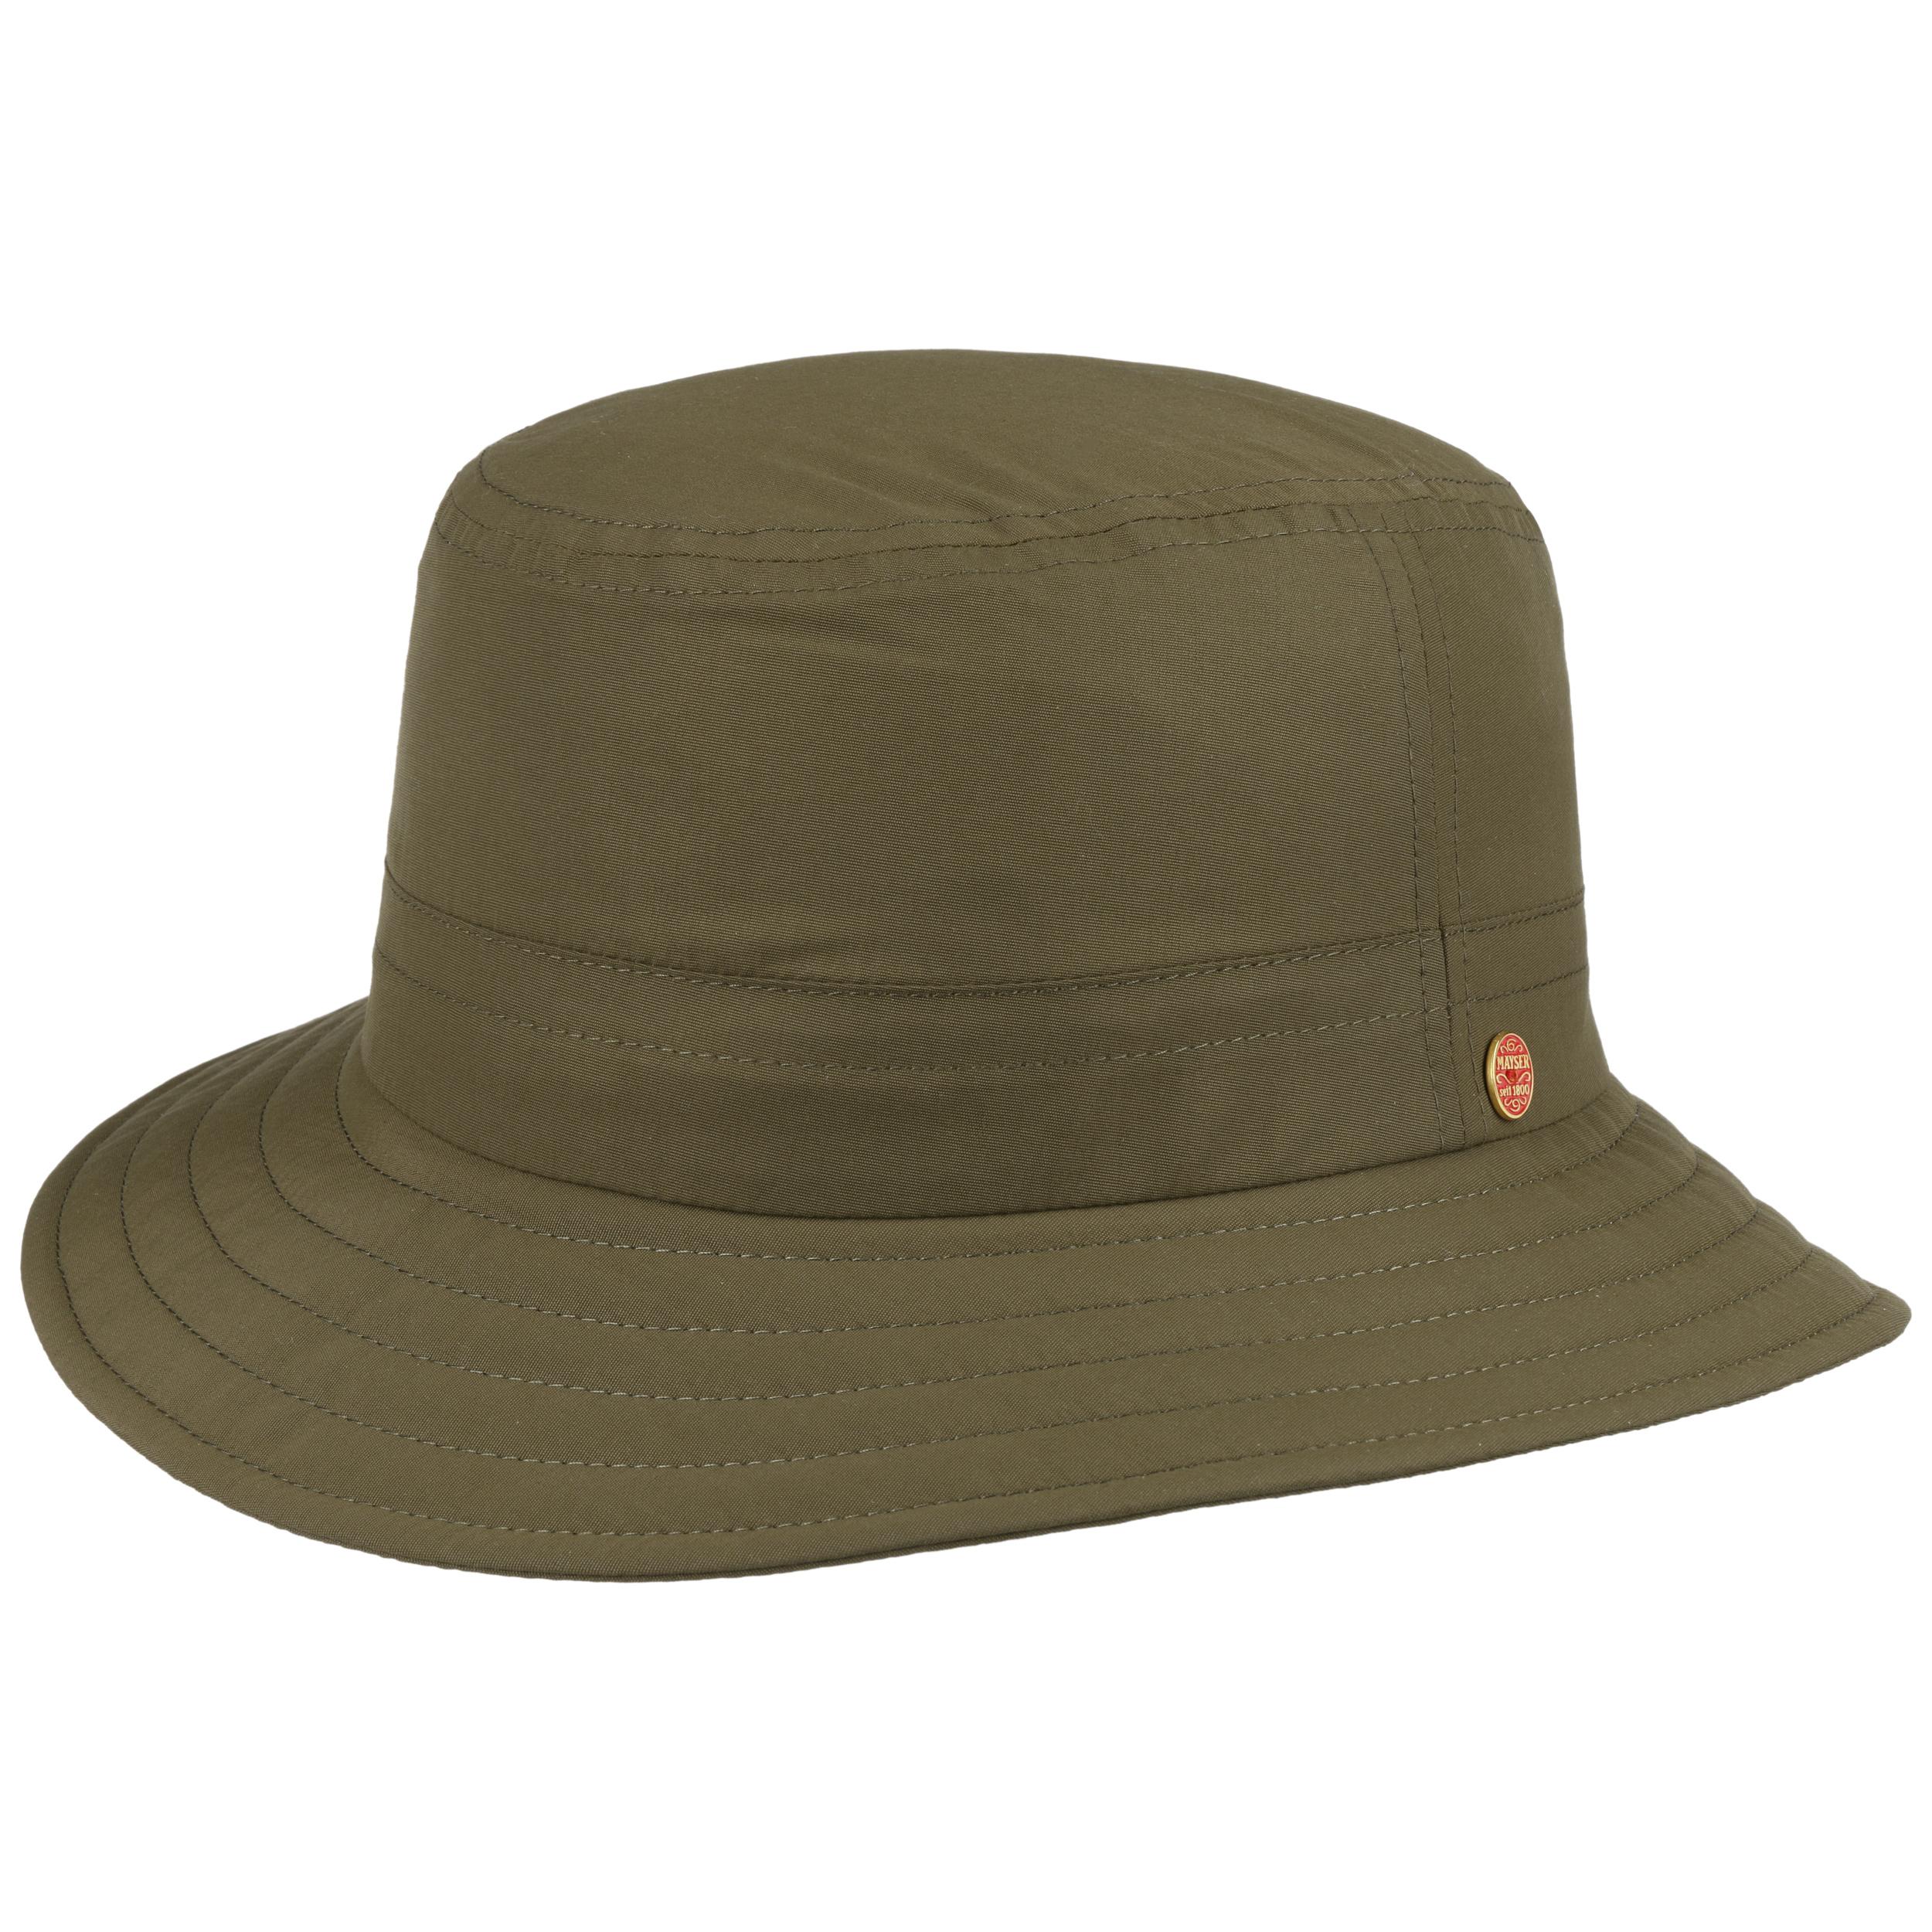 ... Cappello da Sole Protezione UV by Mayser - oliva 4 ... e4fba1a220ad